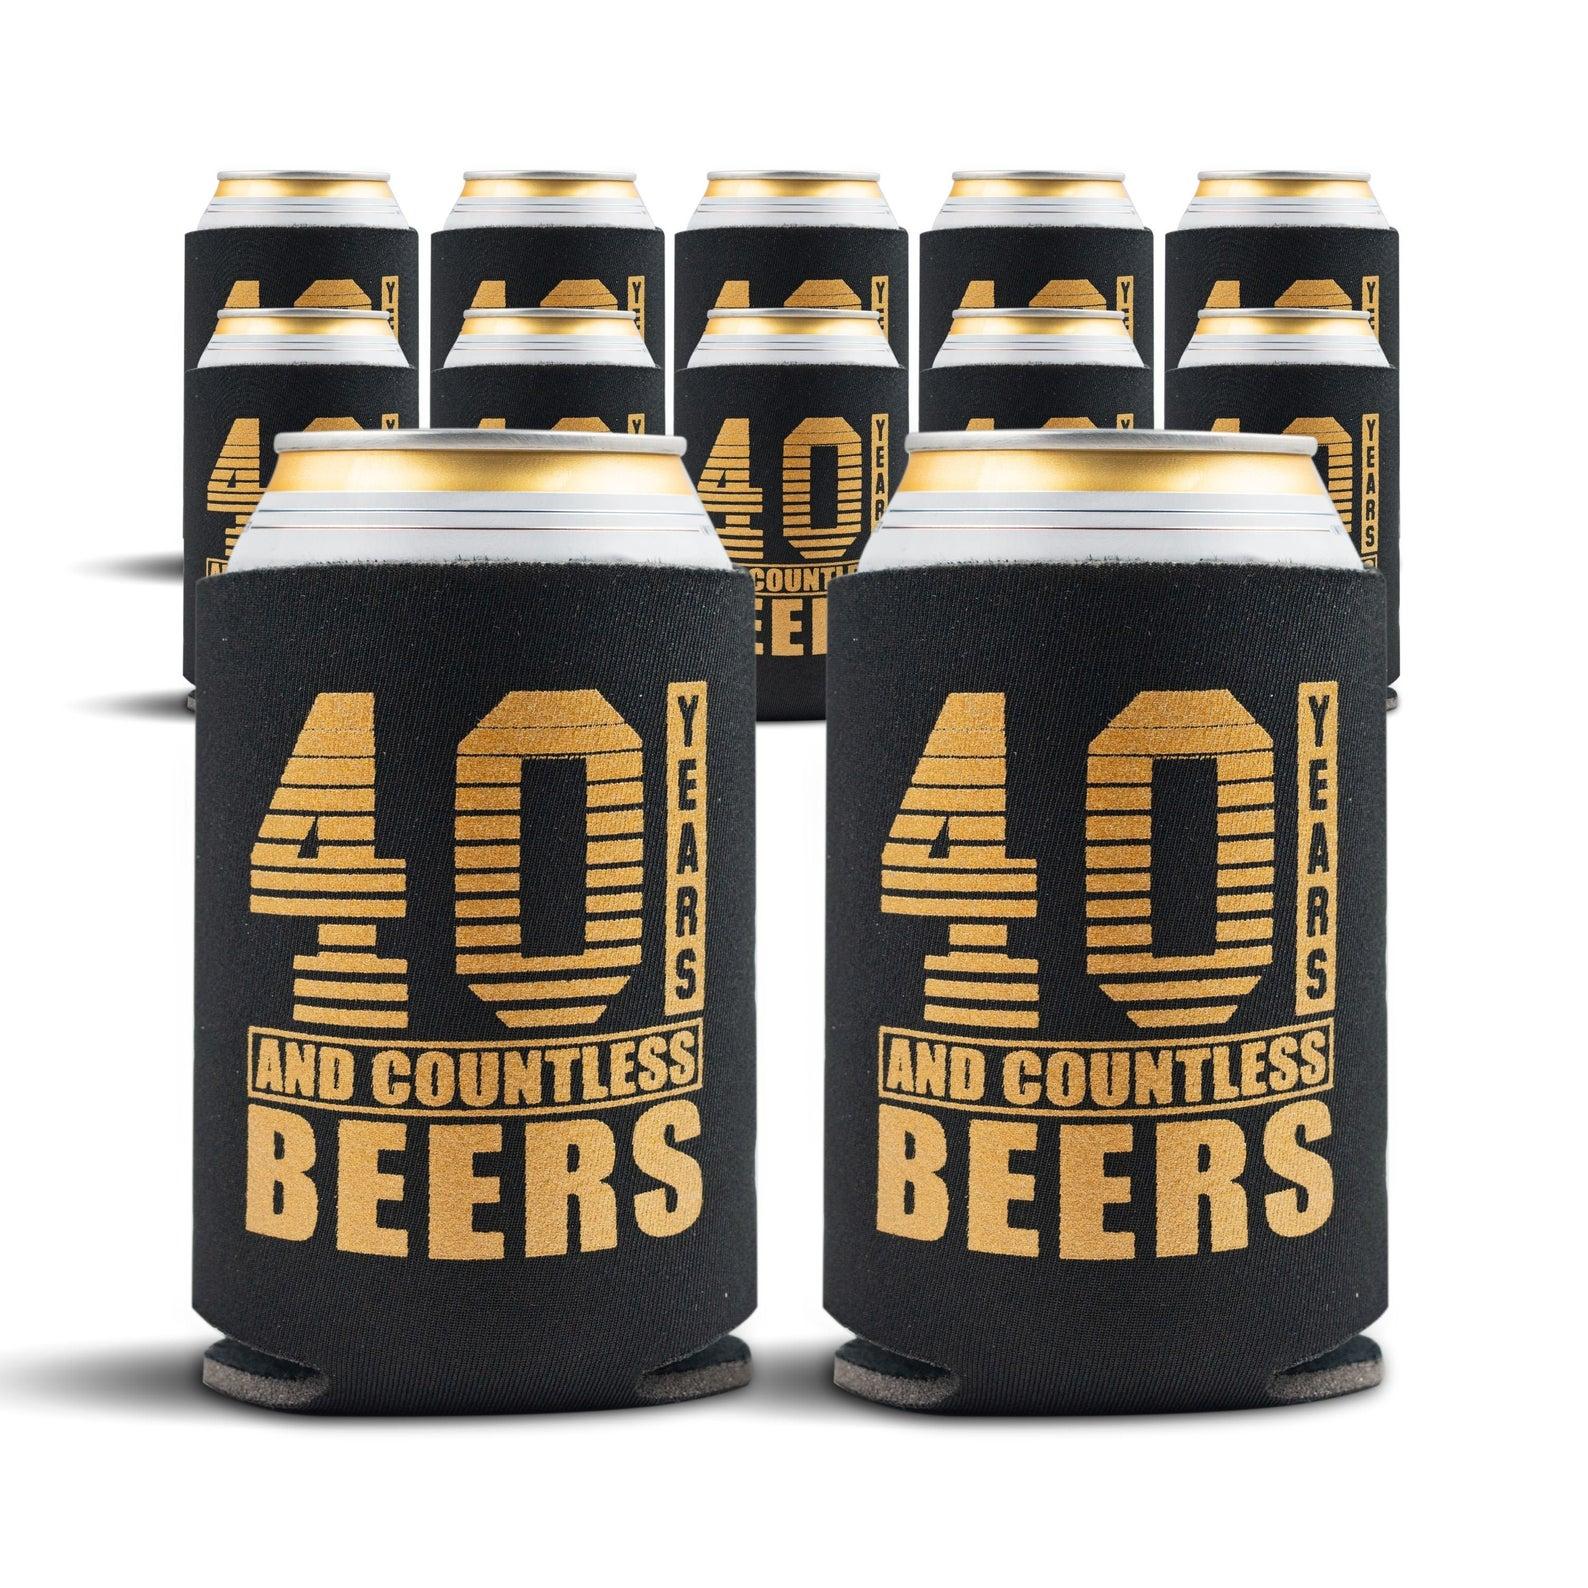 40 Beer Sleeves